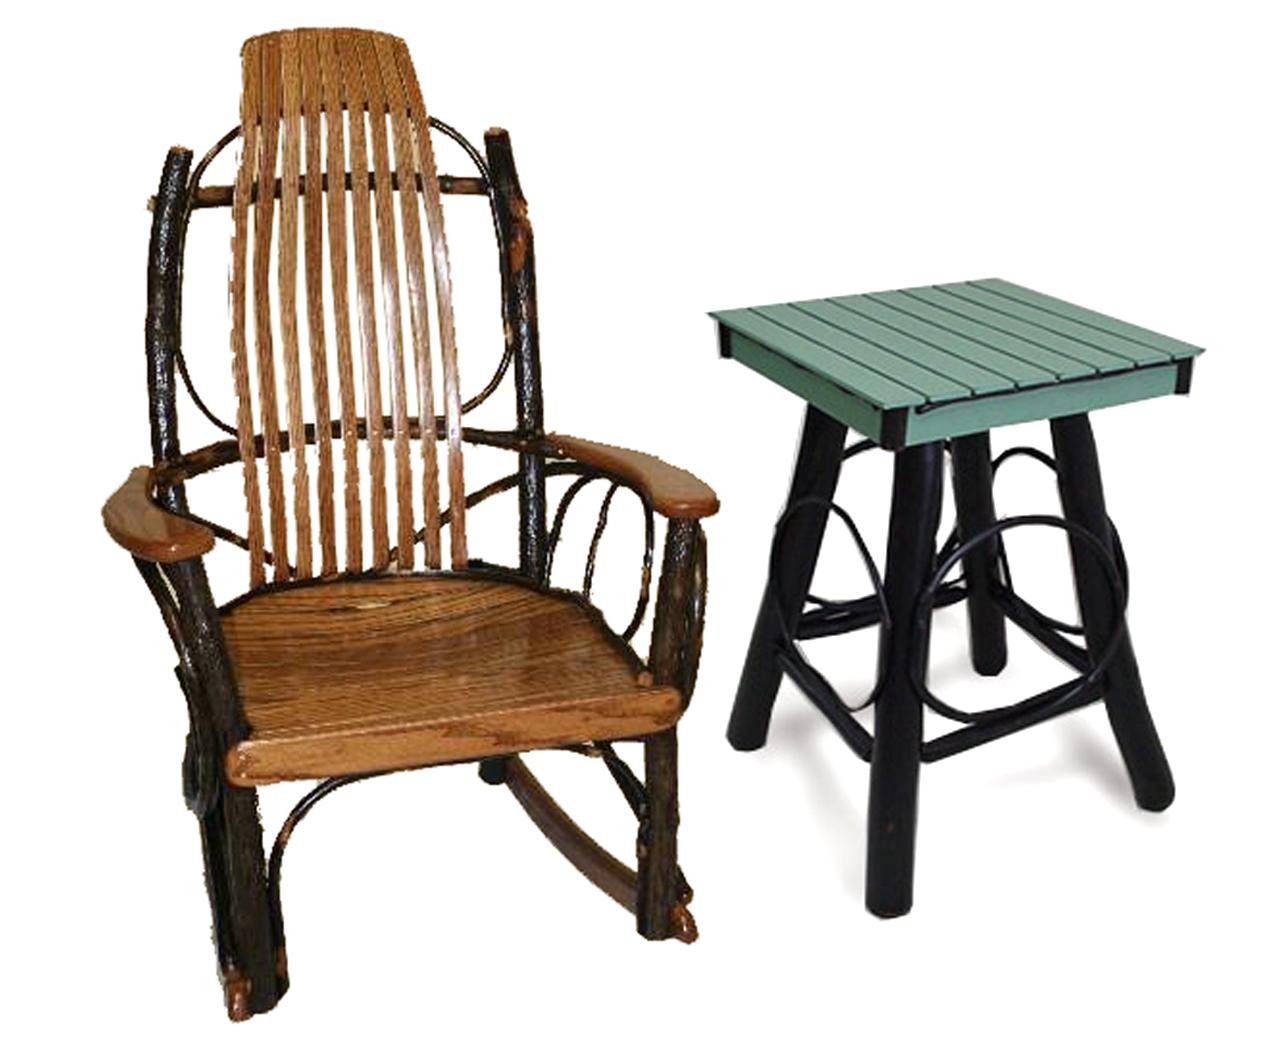 Seibels Cottage Amish Porch furniture